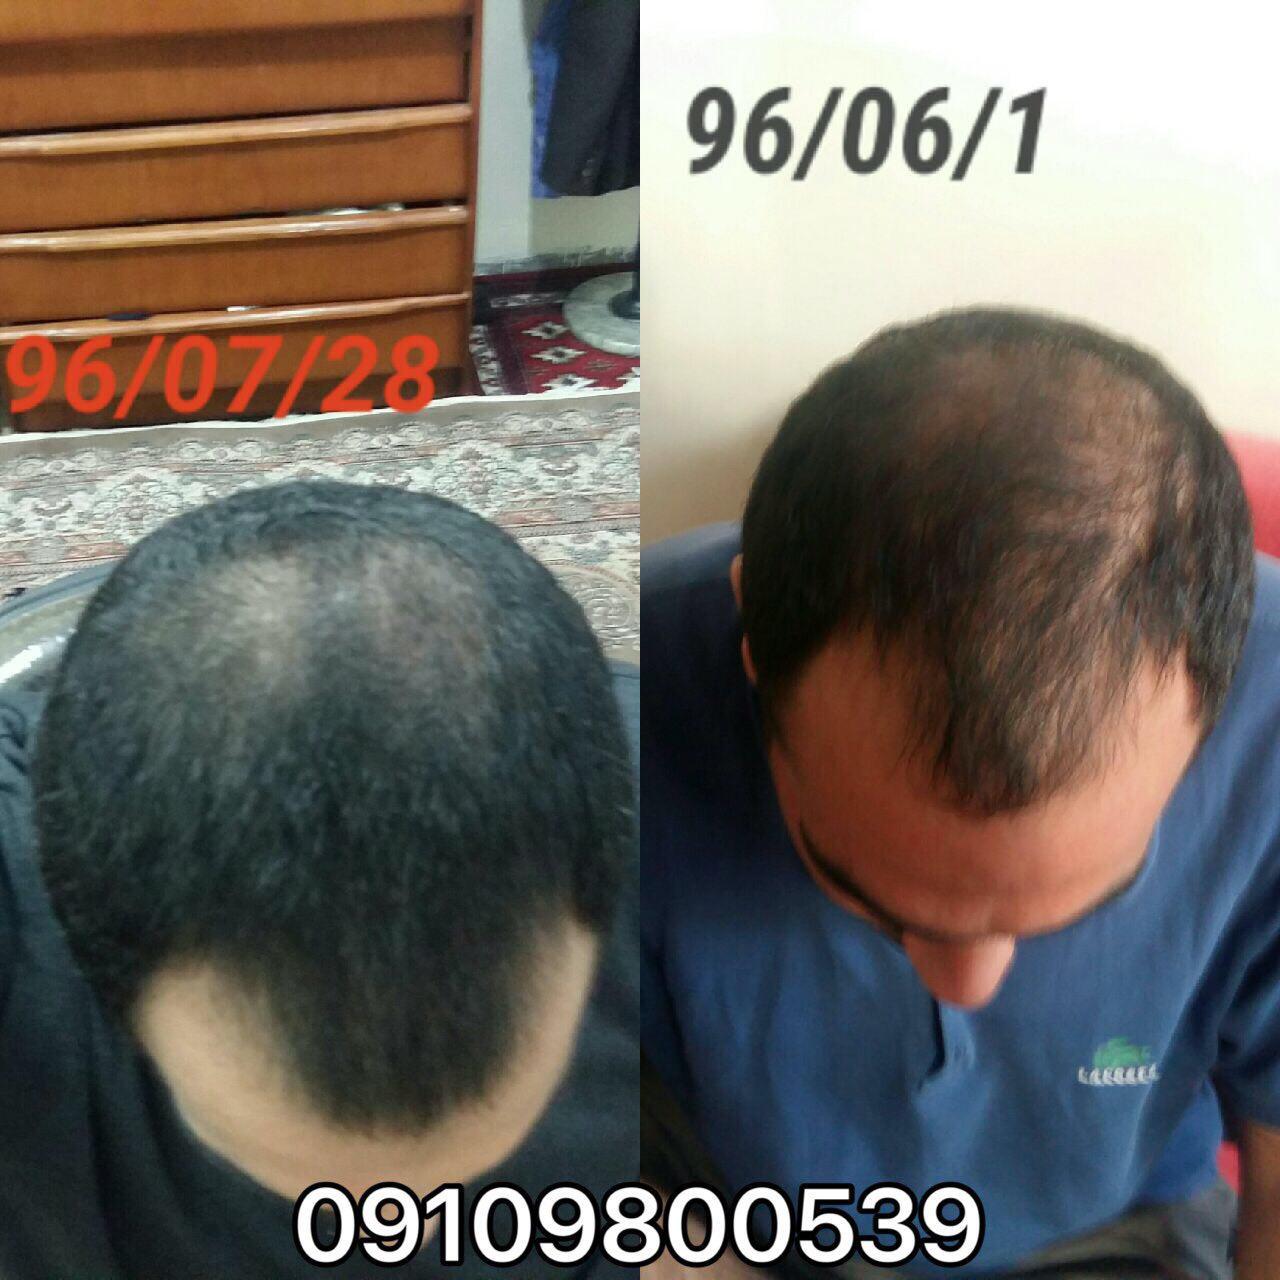 ترمیم موهای آسیب دیده با روشهای طبیعی